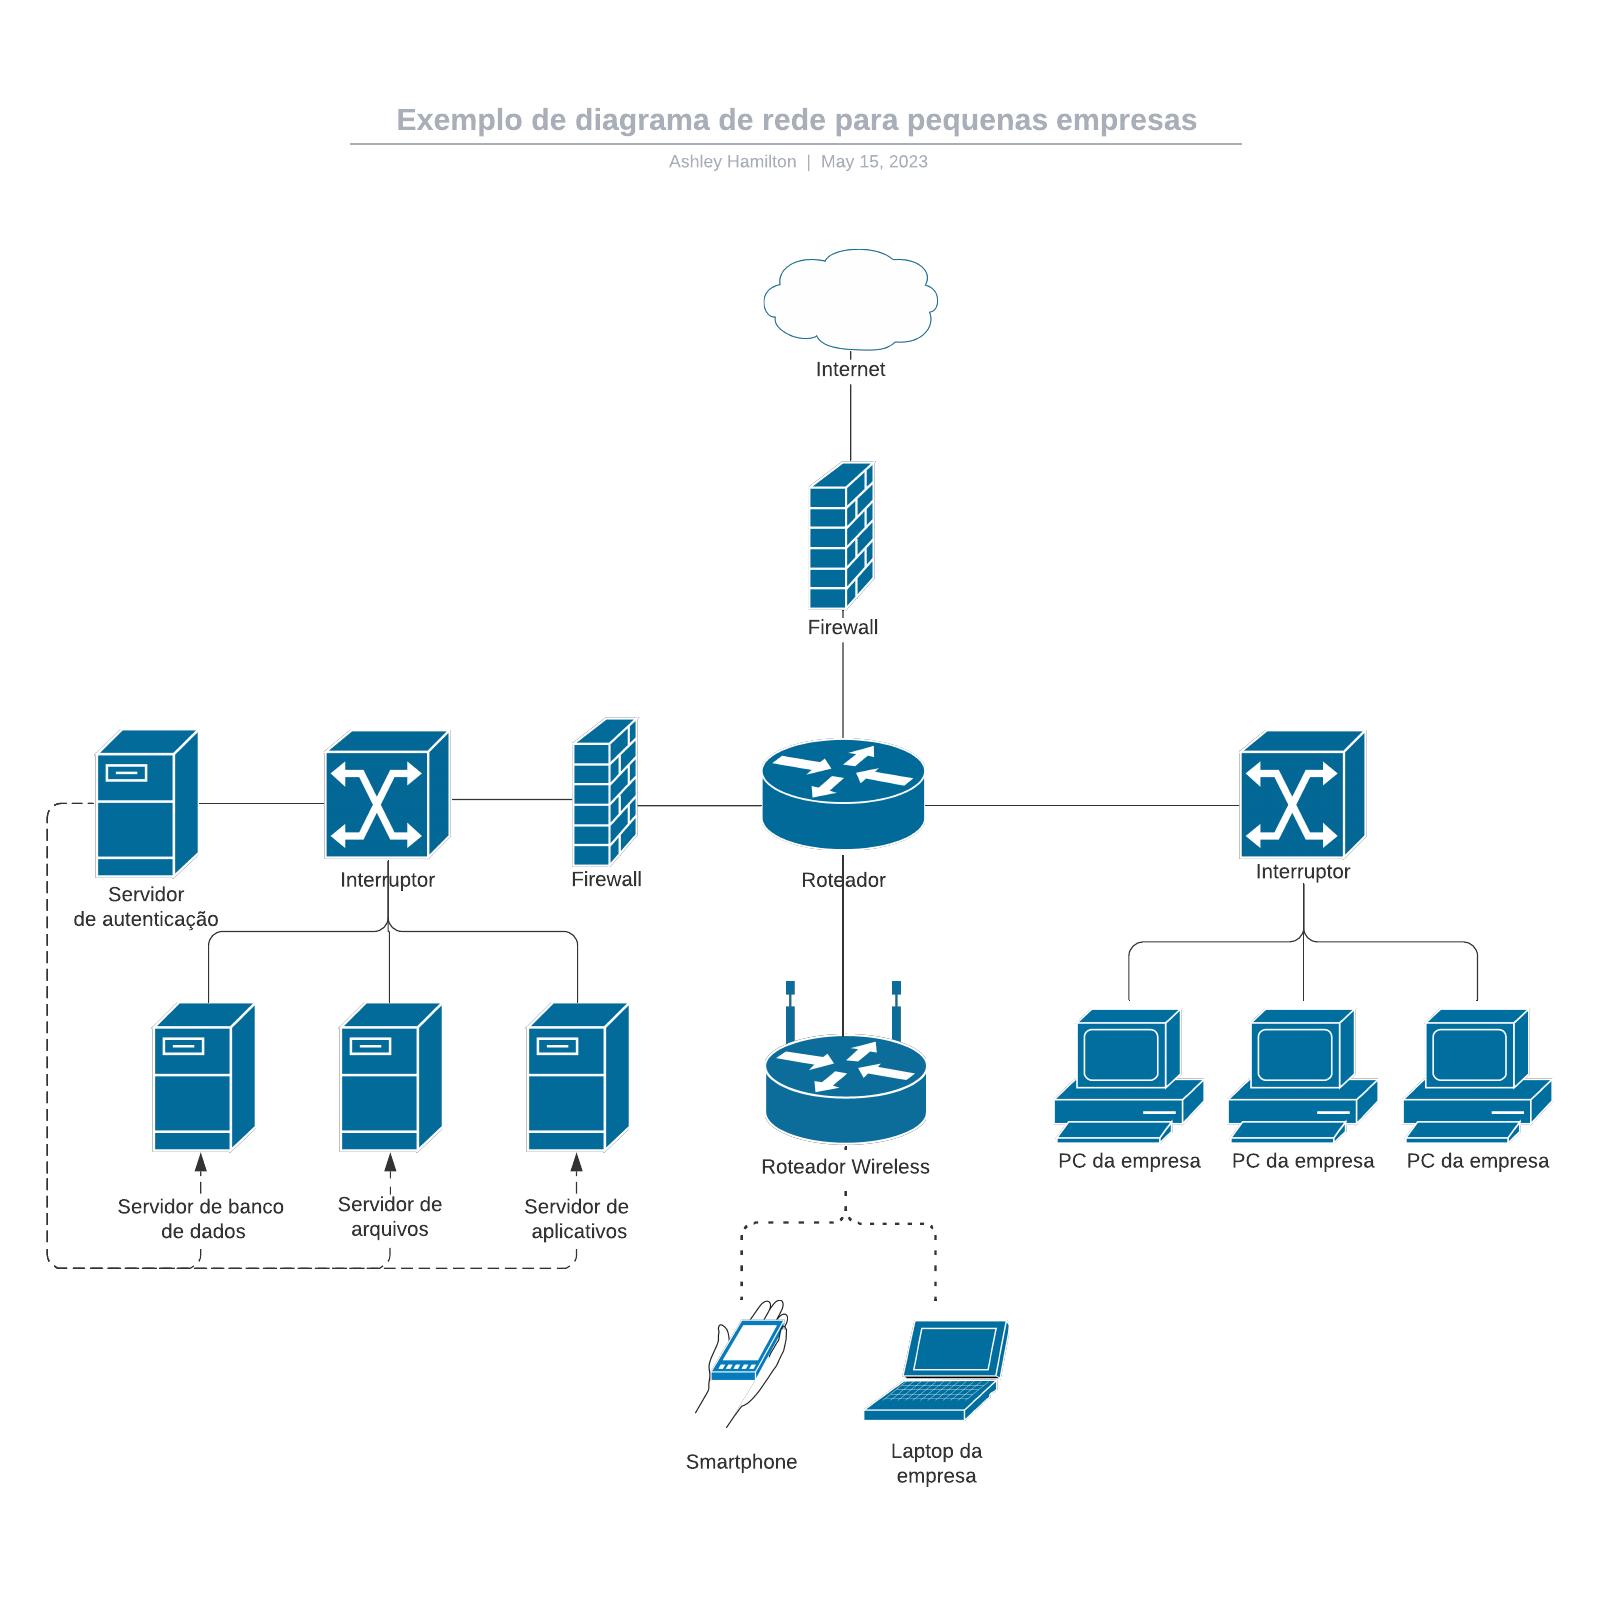 Exemplo de diagrama de rede para pequenas empresas